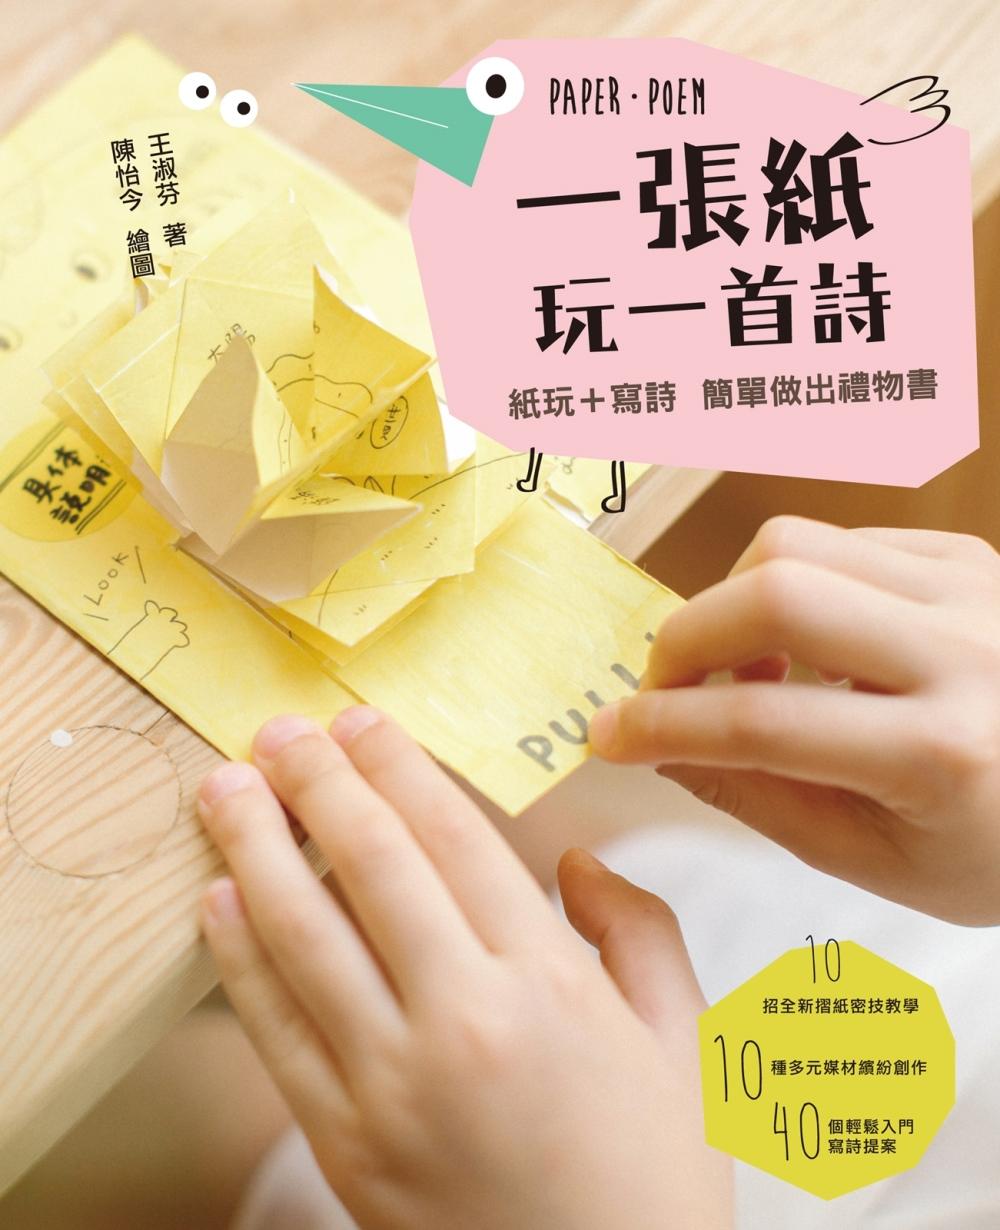 一張紙玩一首詩:紙玩+寫詩,簡單做出禮物書!